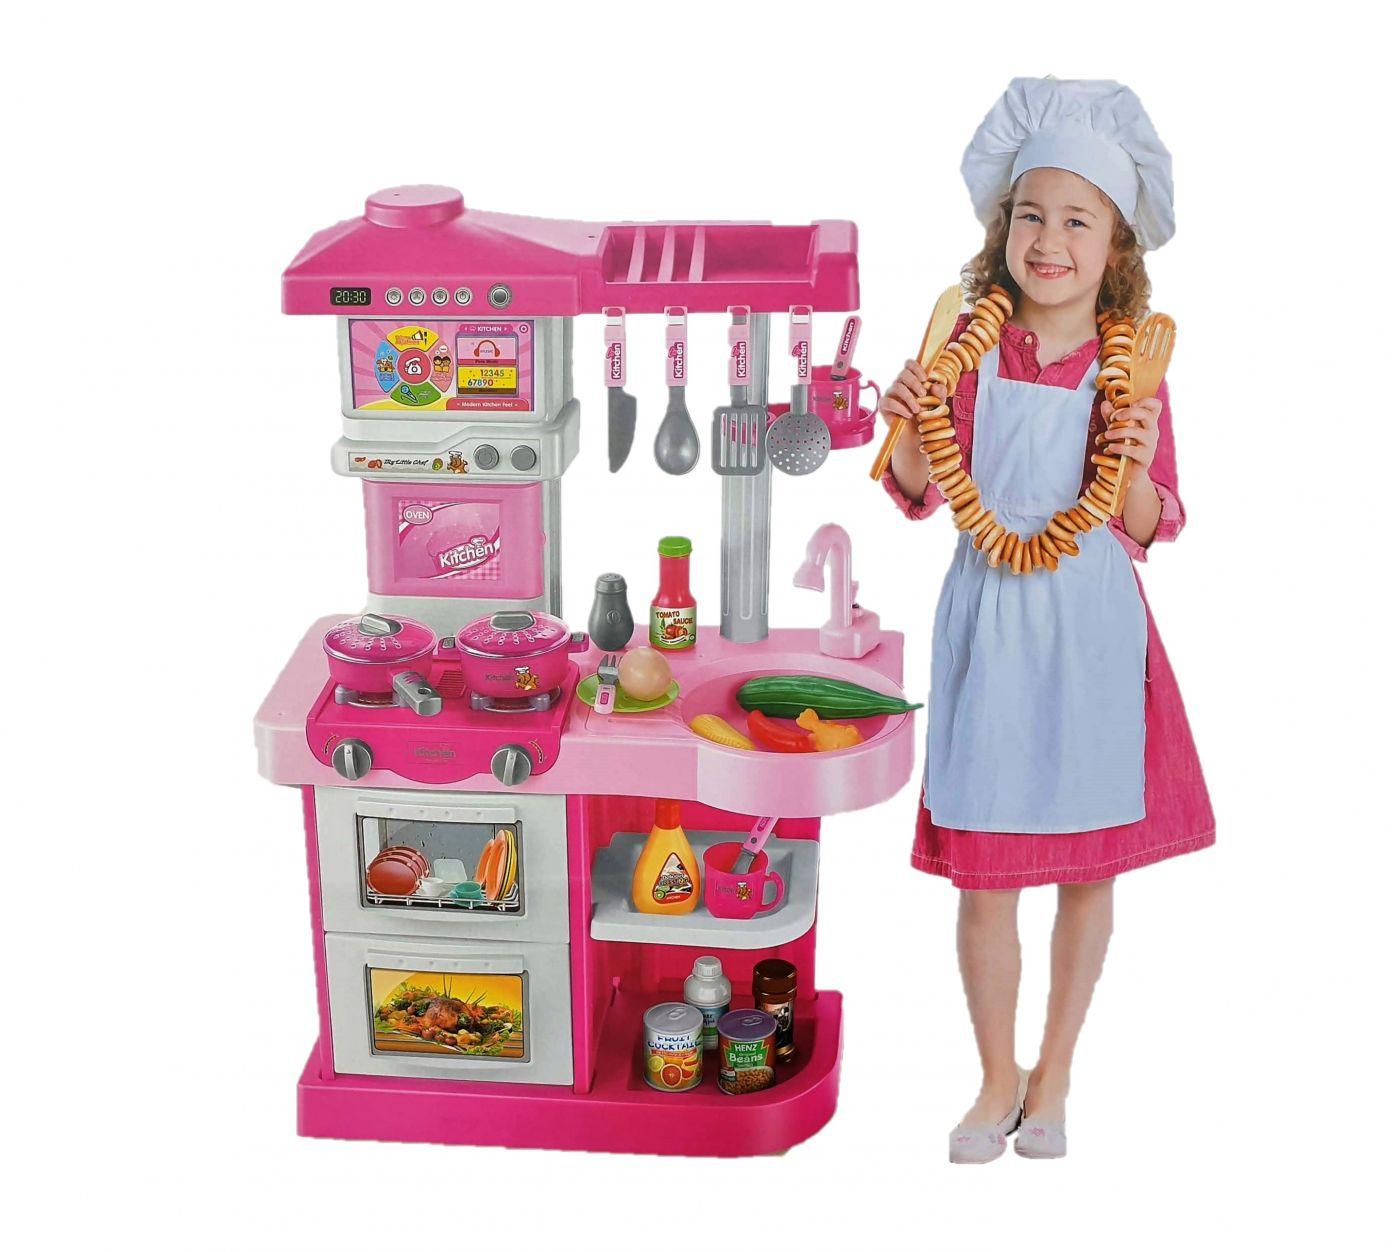 WD-P16 Детская кухня игровая интерактивная с пультом, водой, большой мойкой, высота 75 см.